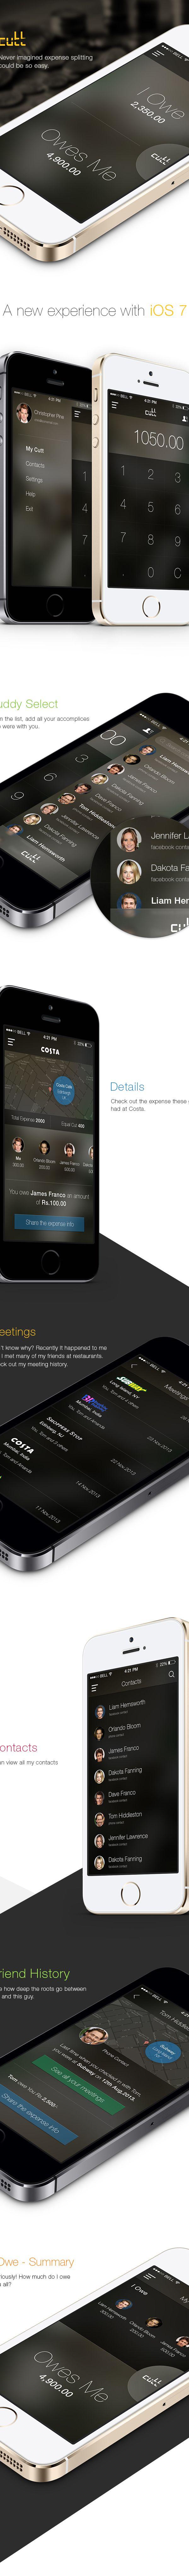 Cutt - App Concept on Behance